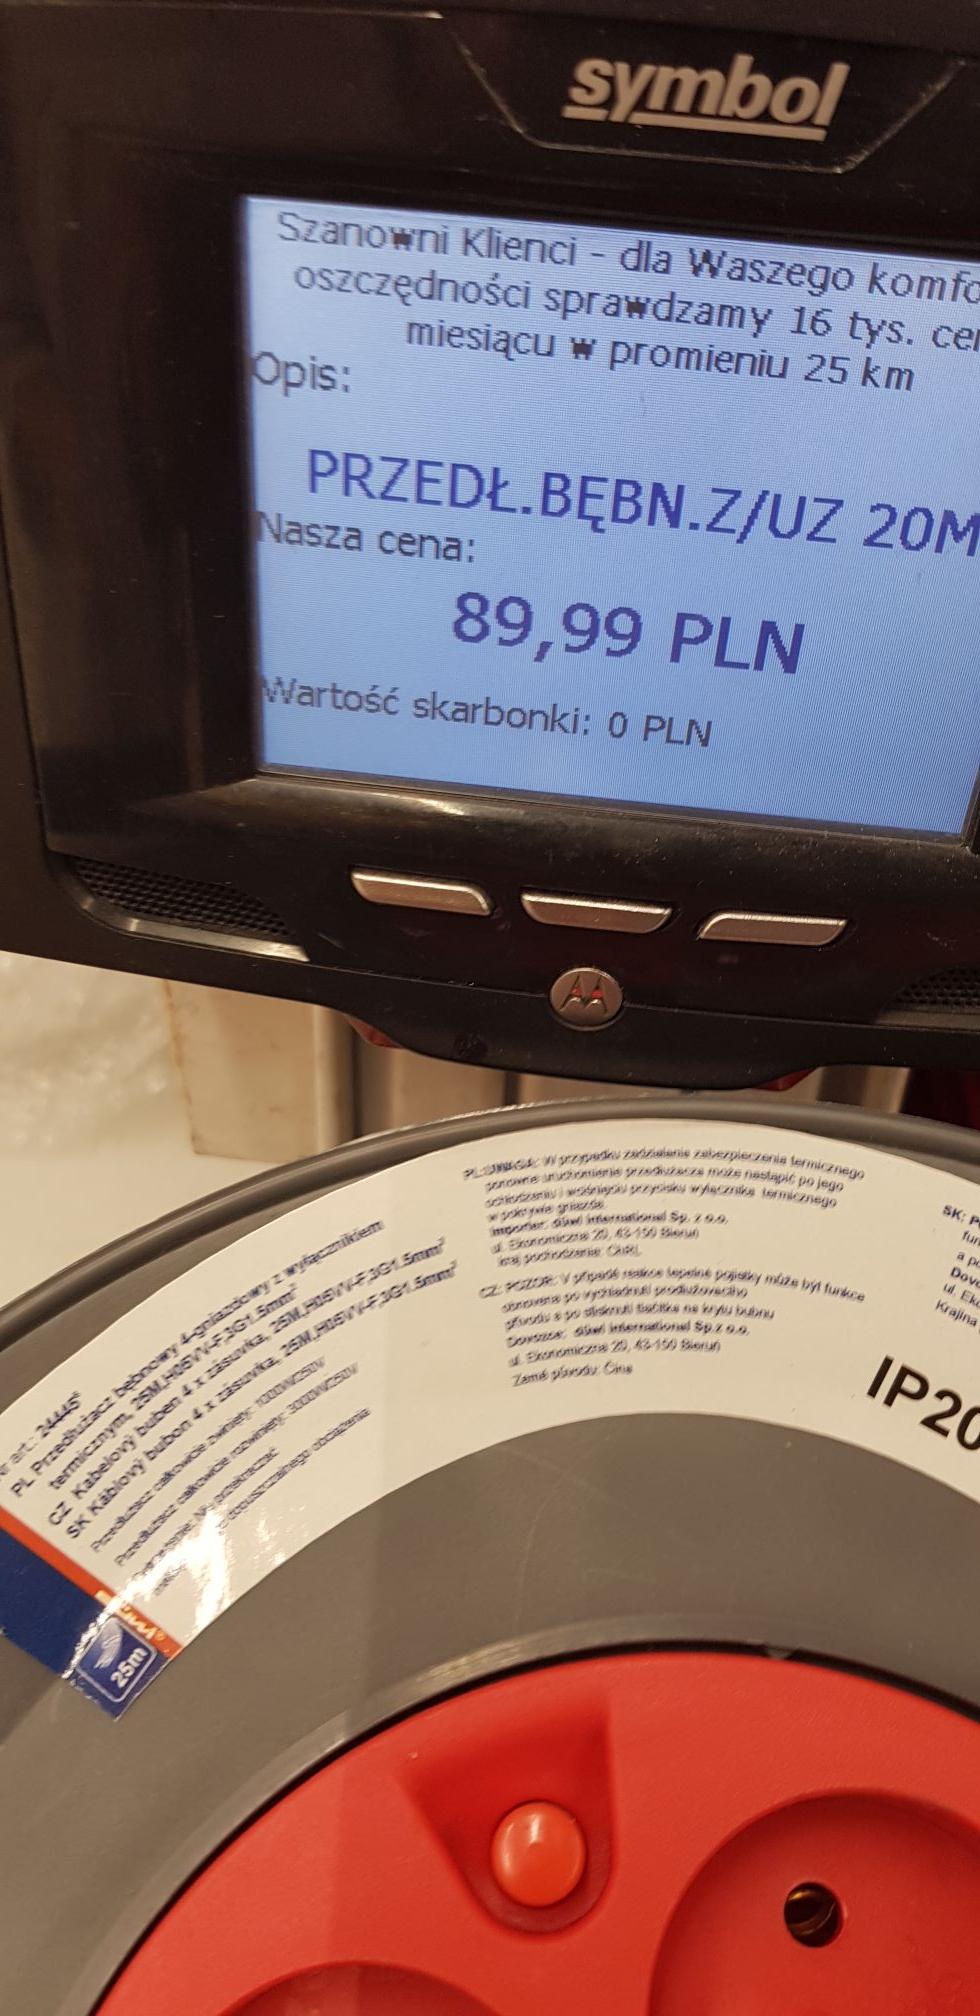 Błąd cenowy przedłużacz bębnowy Auchan Komorniki